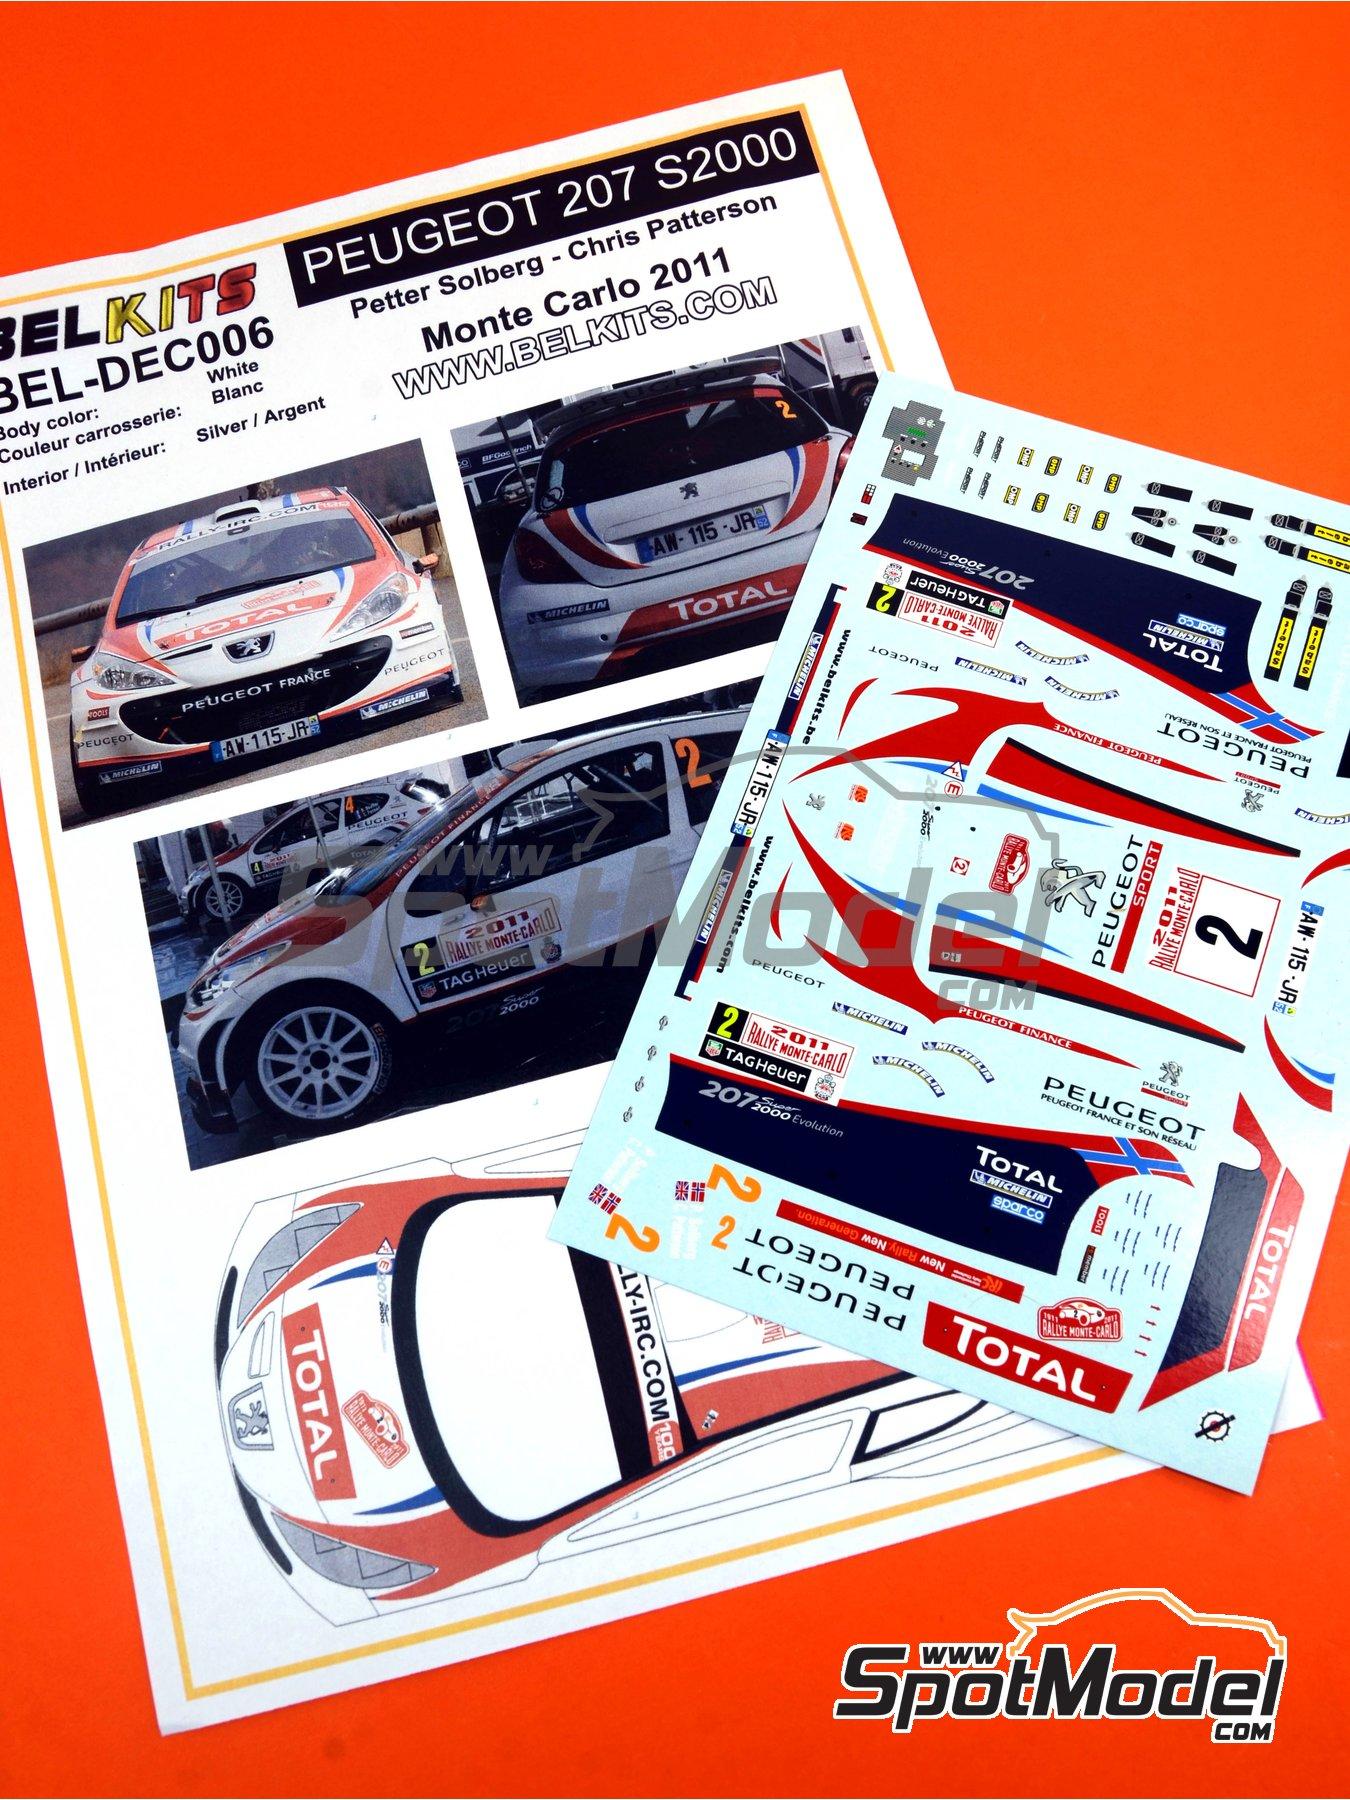 Peugeot 207 S2000 Total - Rally de Montecarlo 2011 | Decoración en escala1/24 fabricado por Belkits (ref.BEL-DEC006) image